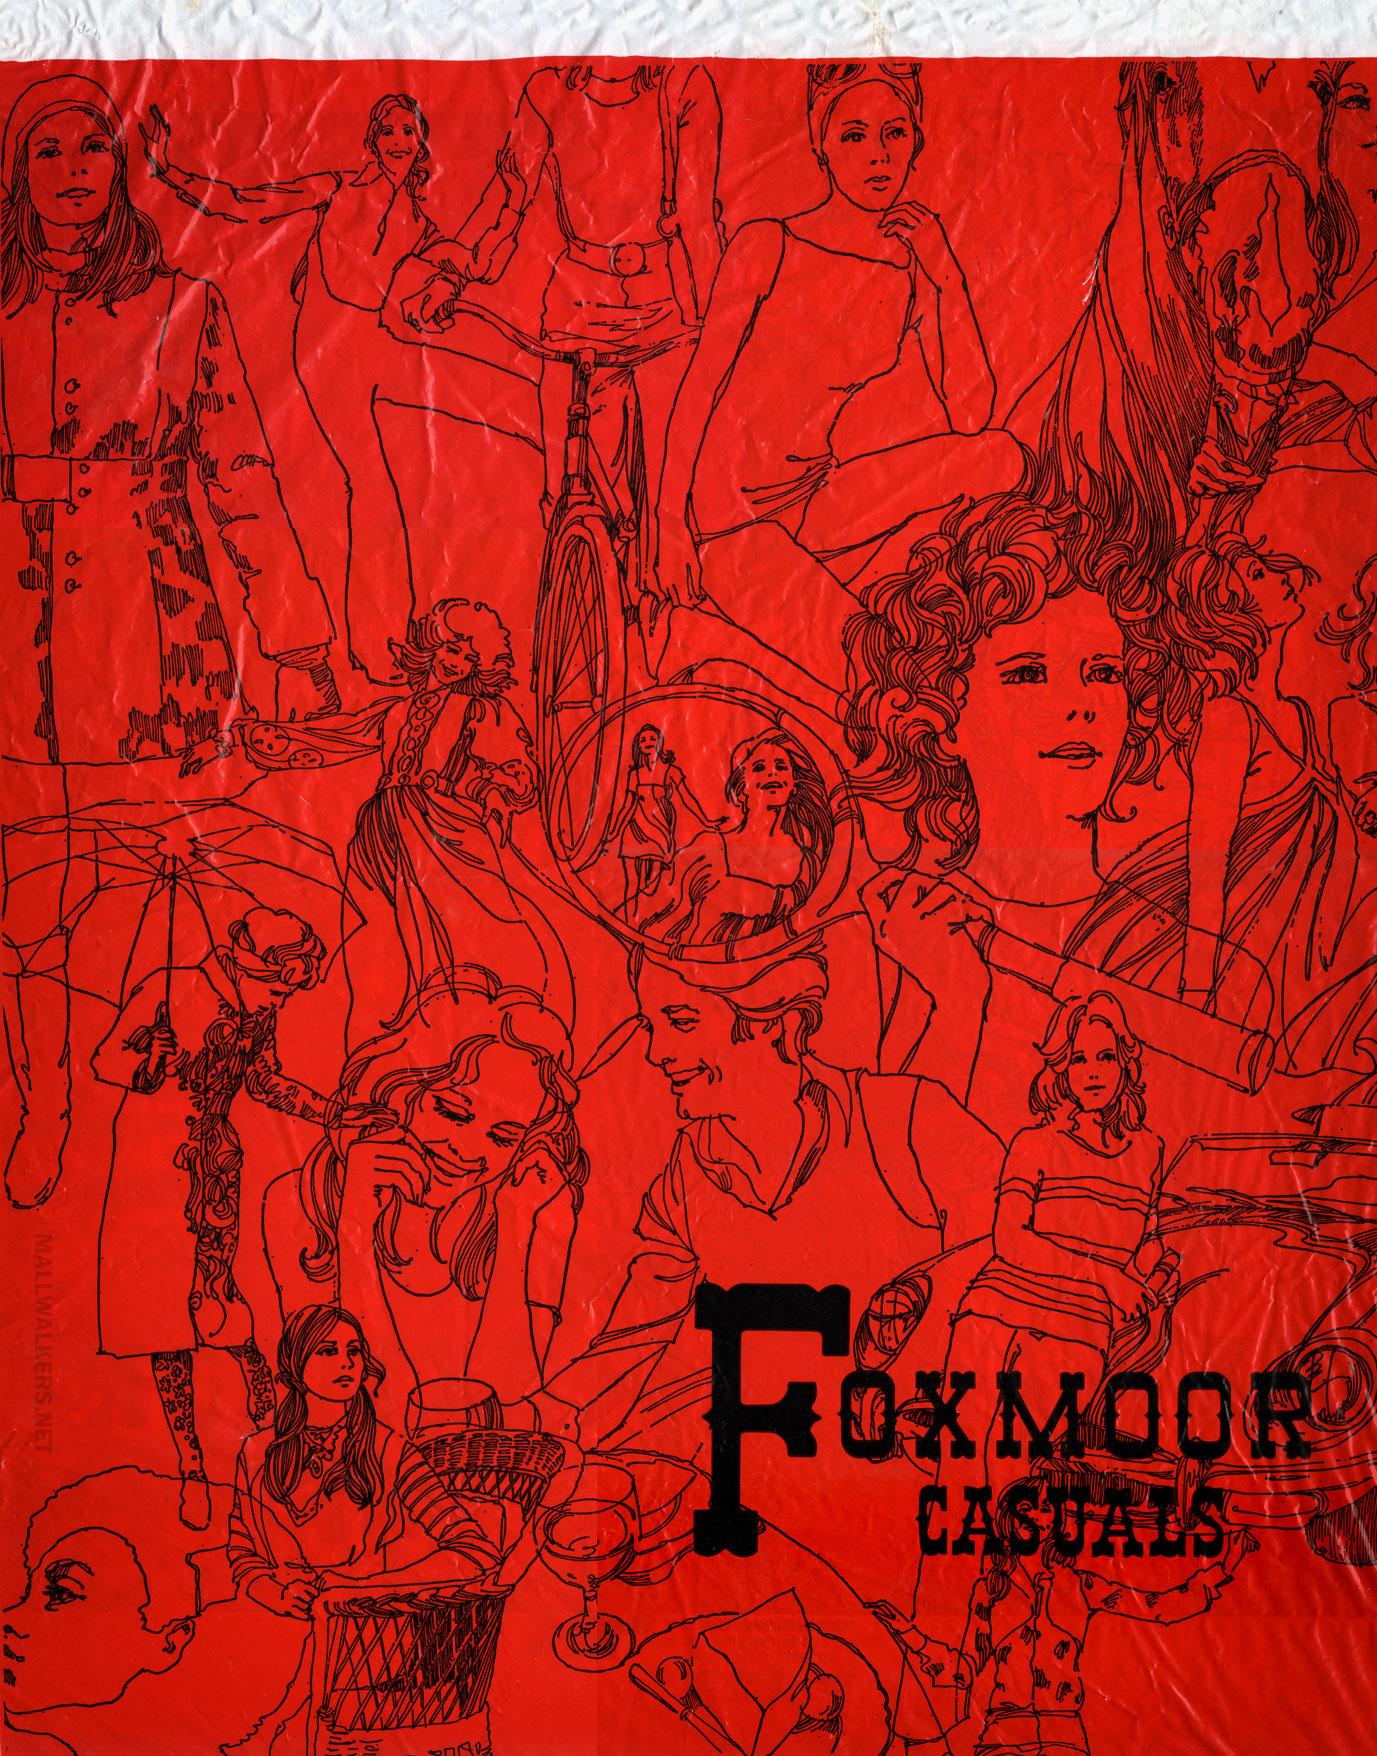 Foxmoor Casuals Shopping Bag